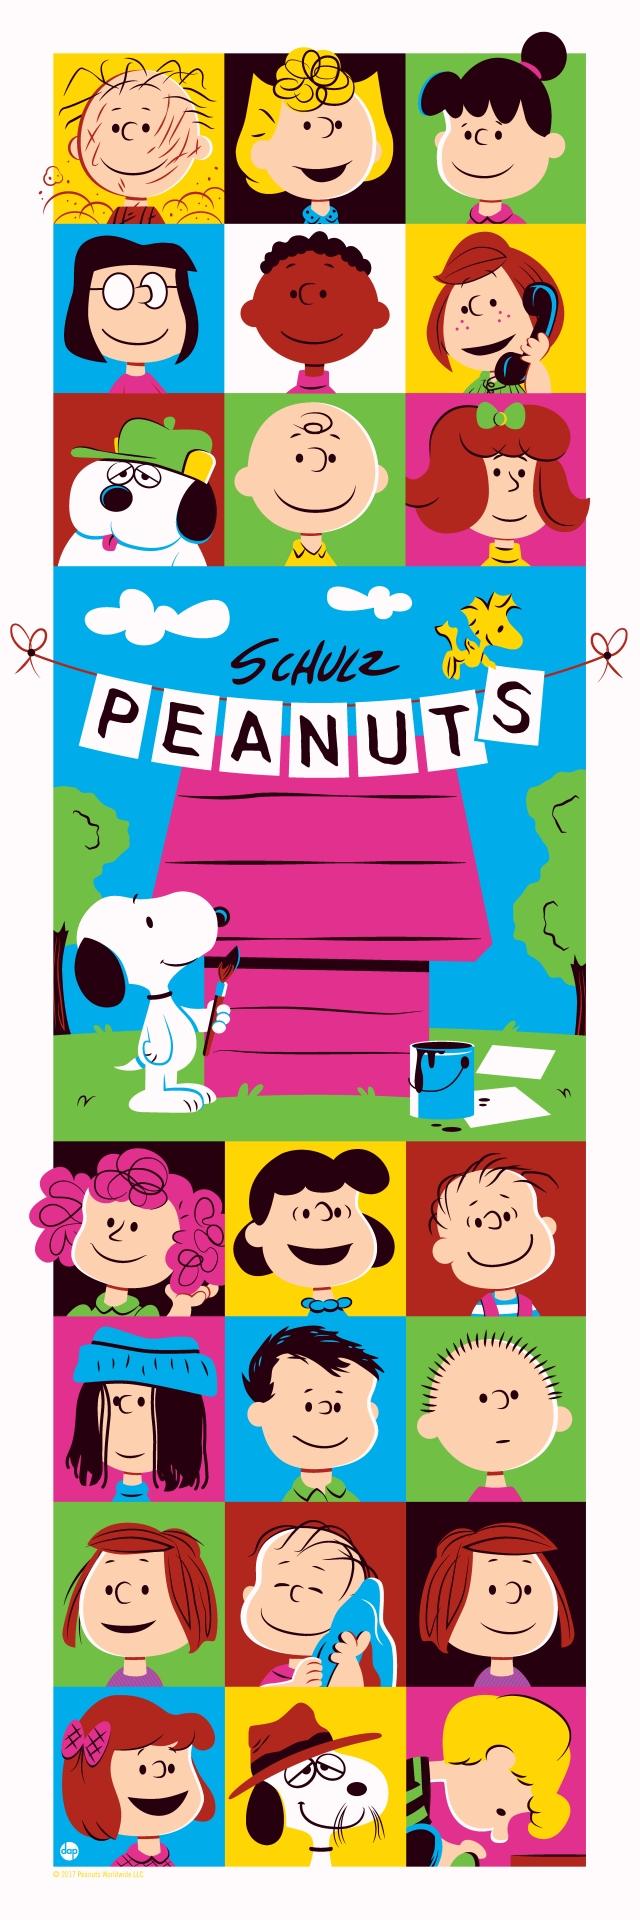 PeanutsVariantColor2